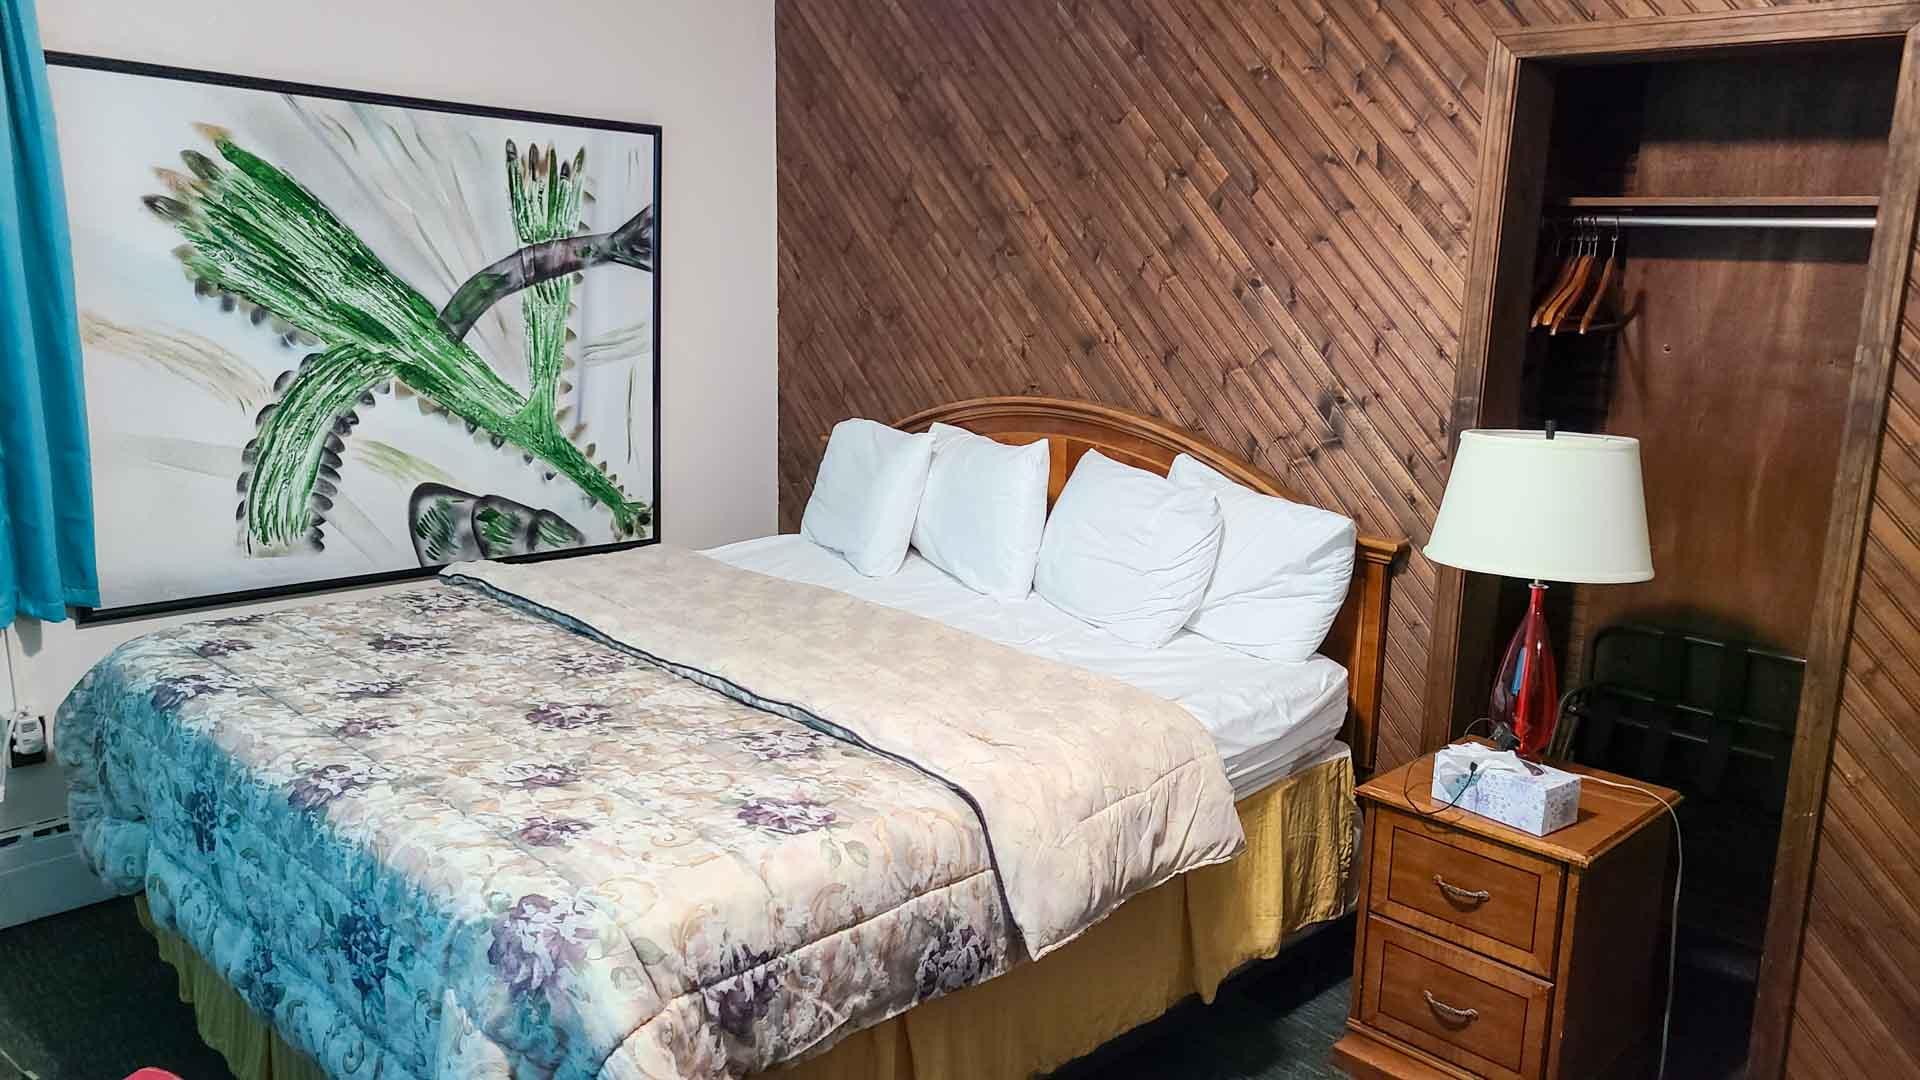 Anchor Motel, nuestro alojamiento en Niagara Falls